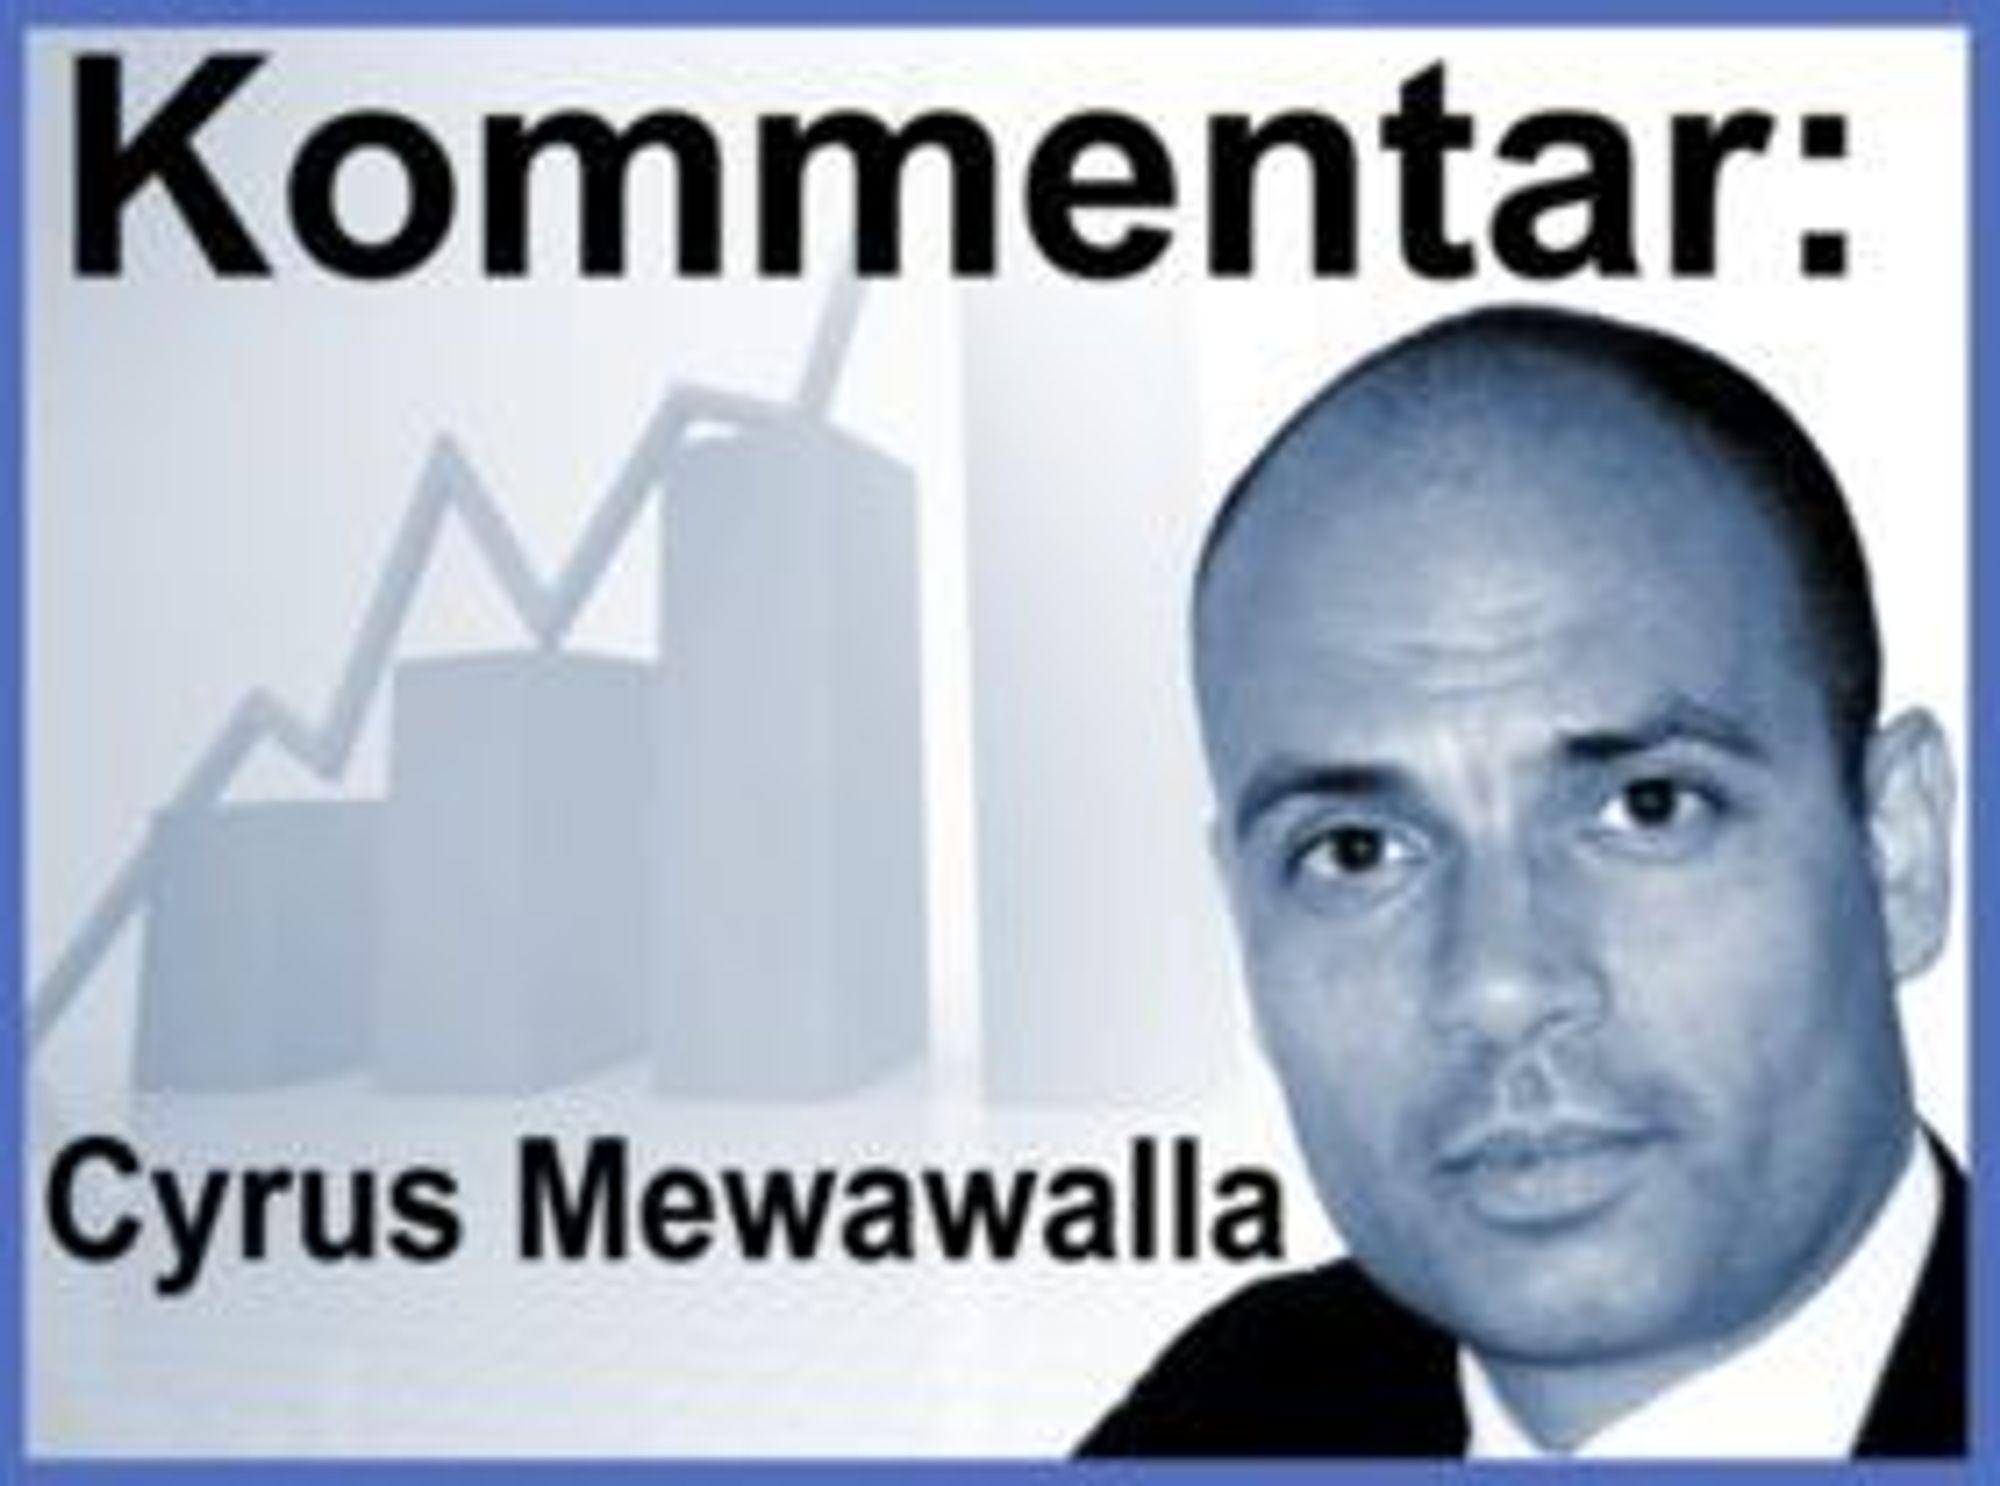 Den anerkjente analytikeren Cyrus Mewawalla er partner i CM Research - et frittstående analysebyrå som rådgir investorer om trender innen teknologi, media og telecom. Mewawalla skriver fast for digi.no.